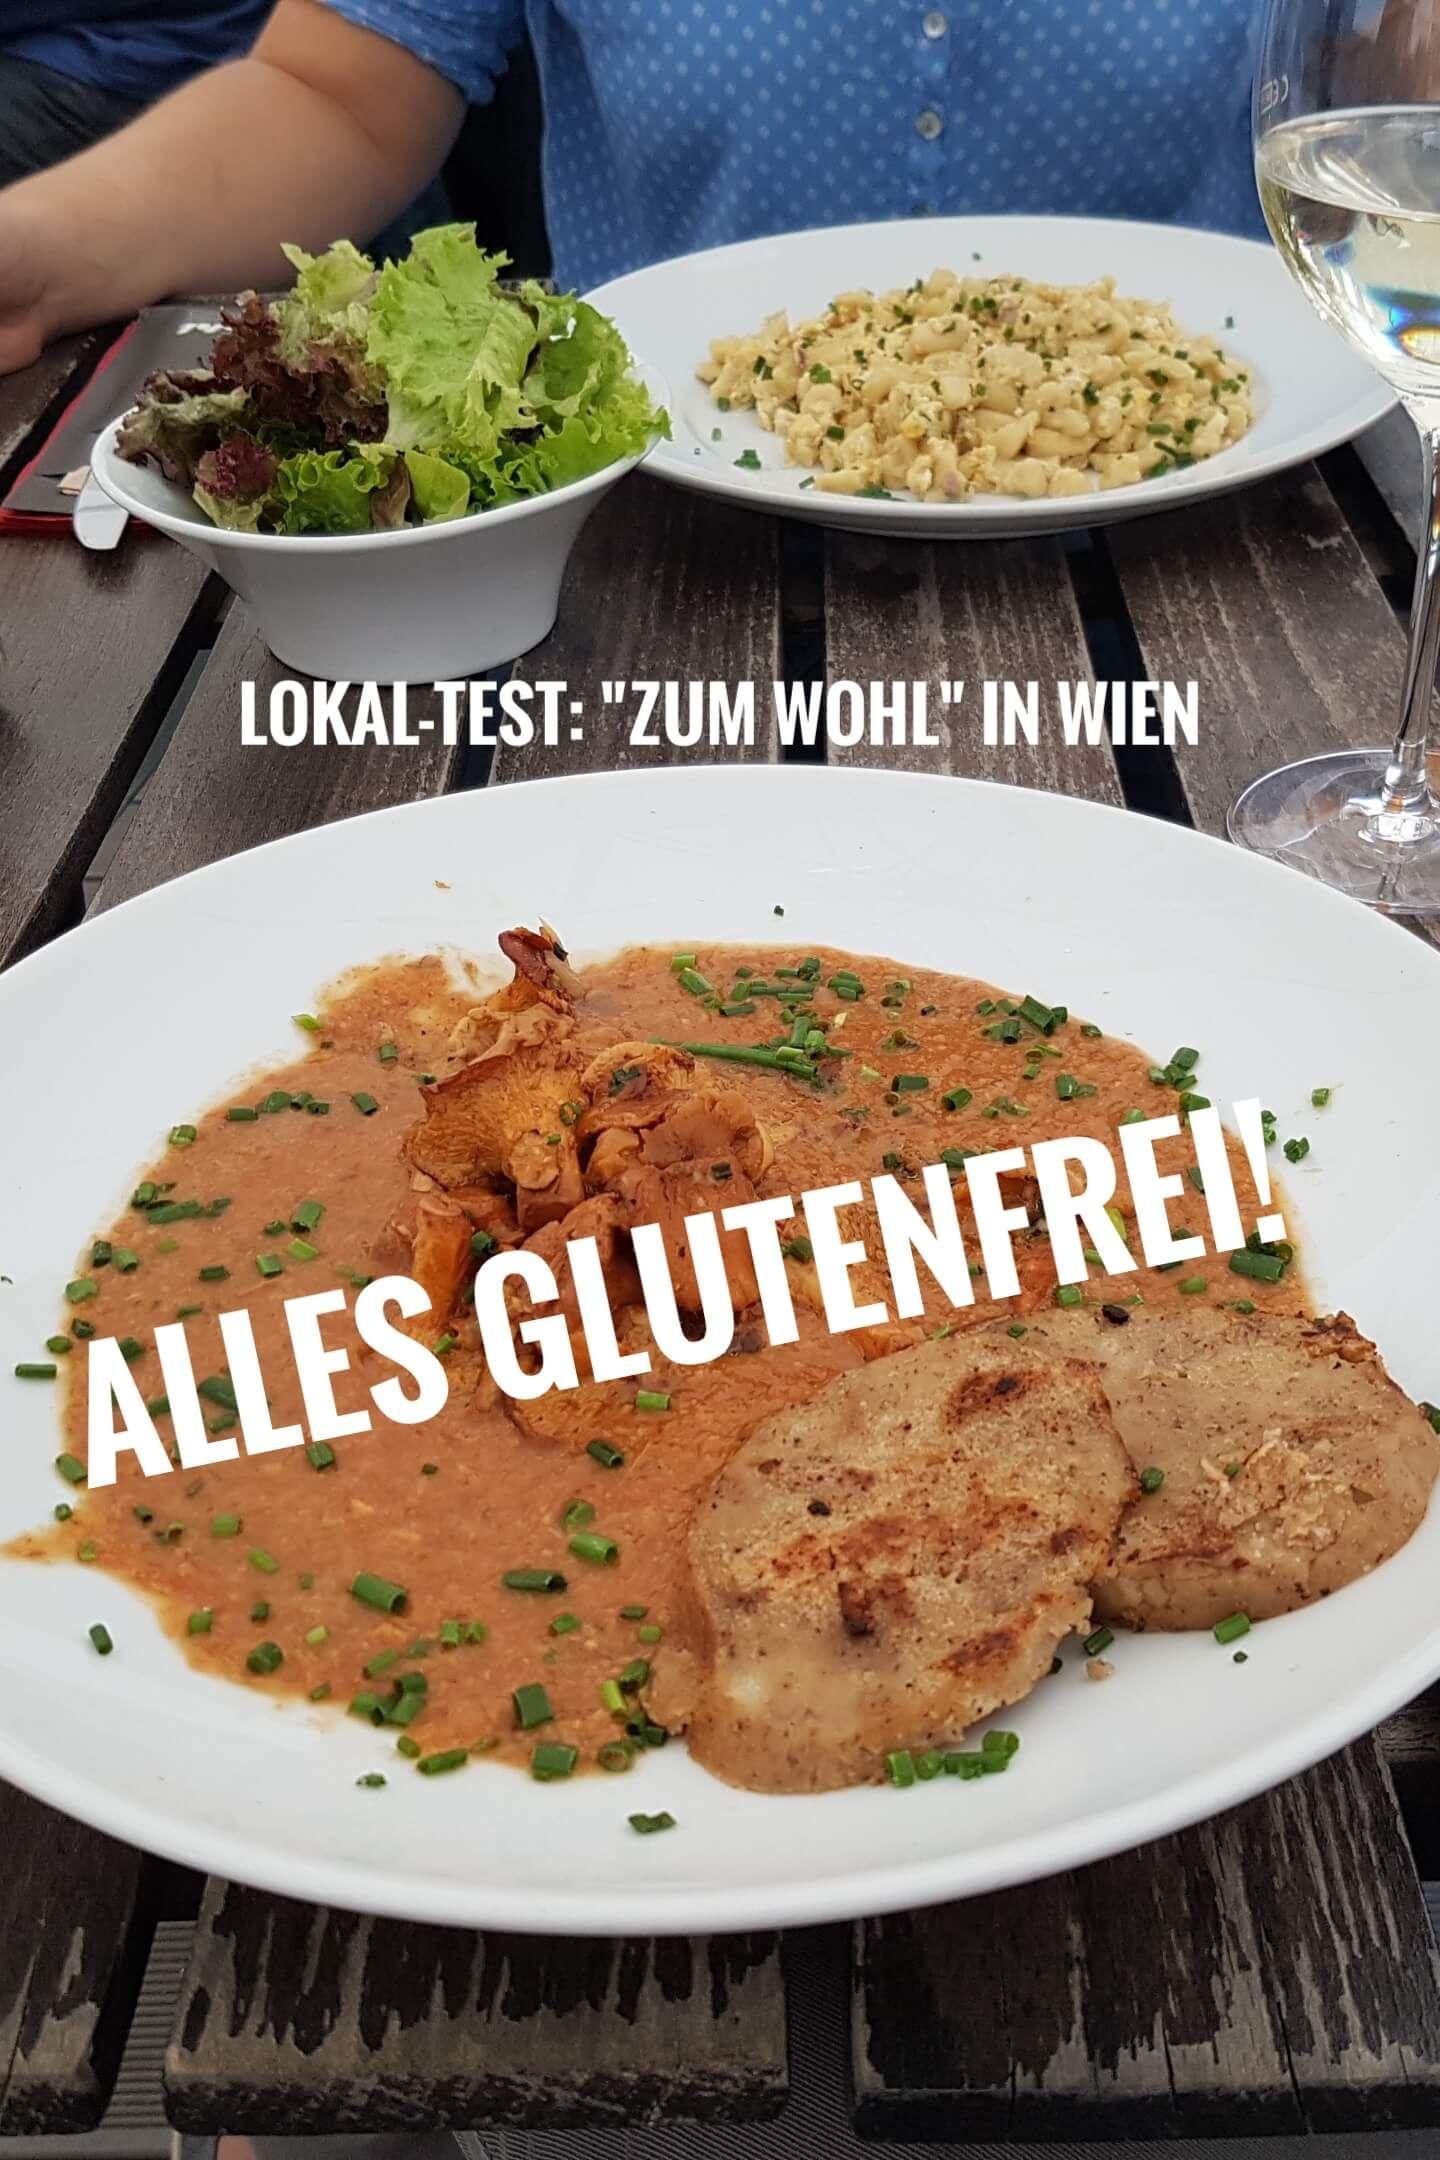 Glutenfrei Essen Im Quot Zum Wohl Quot In Wien Ohne Gluten